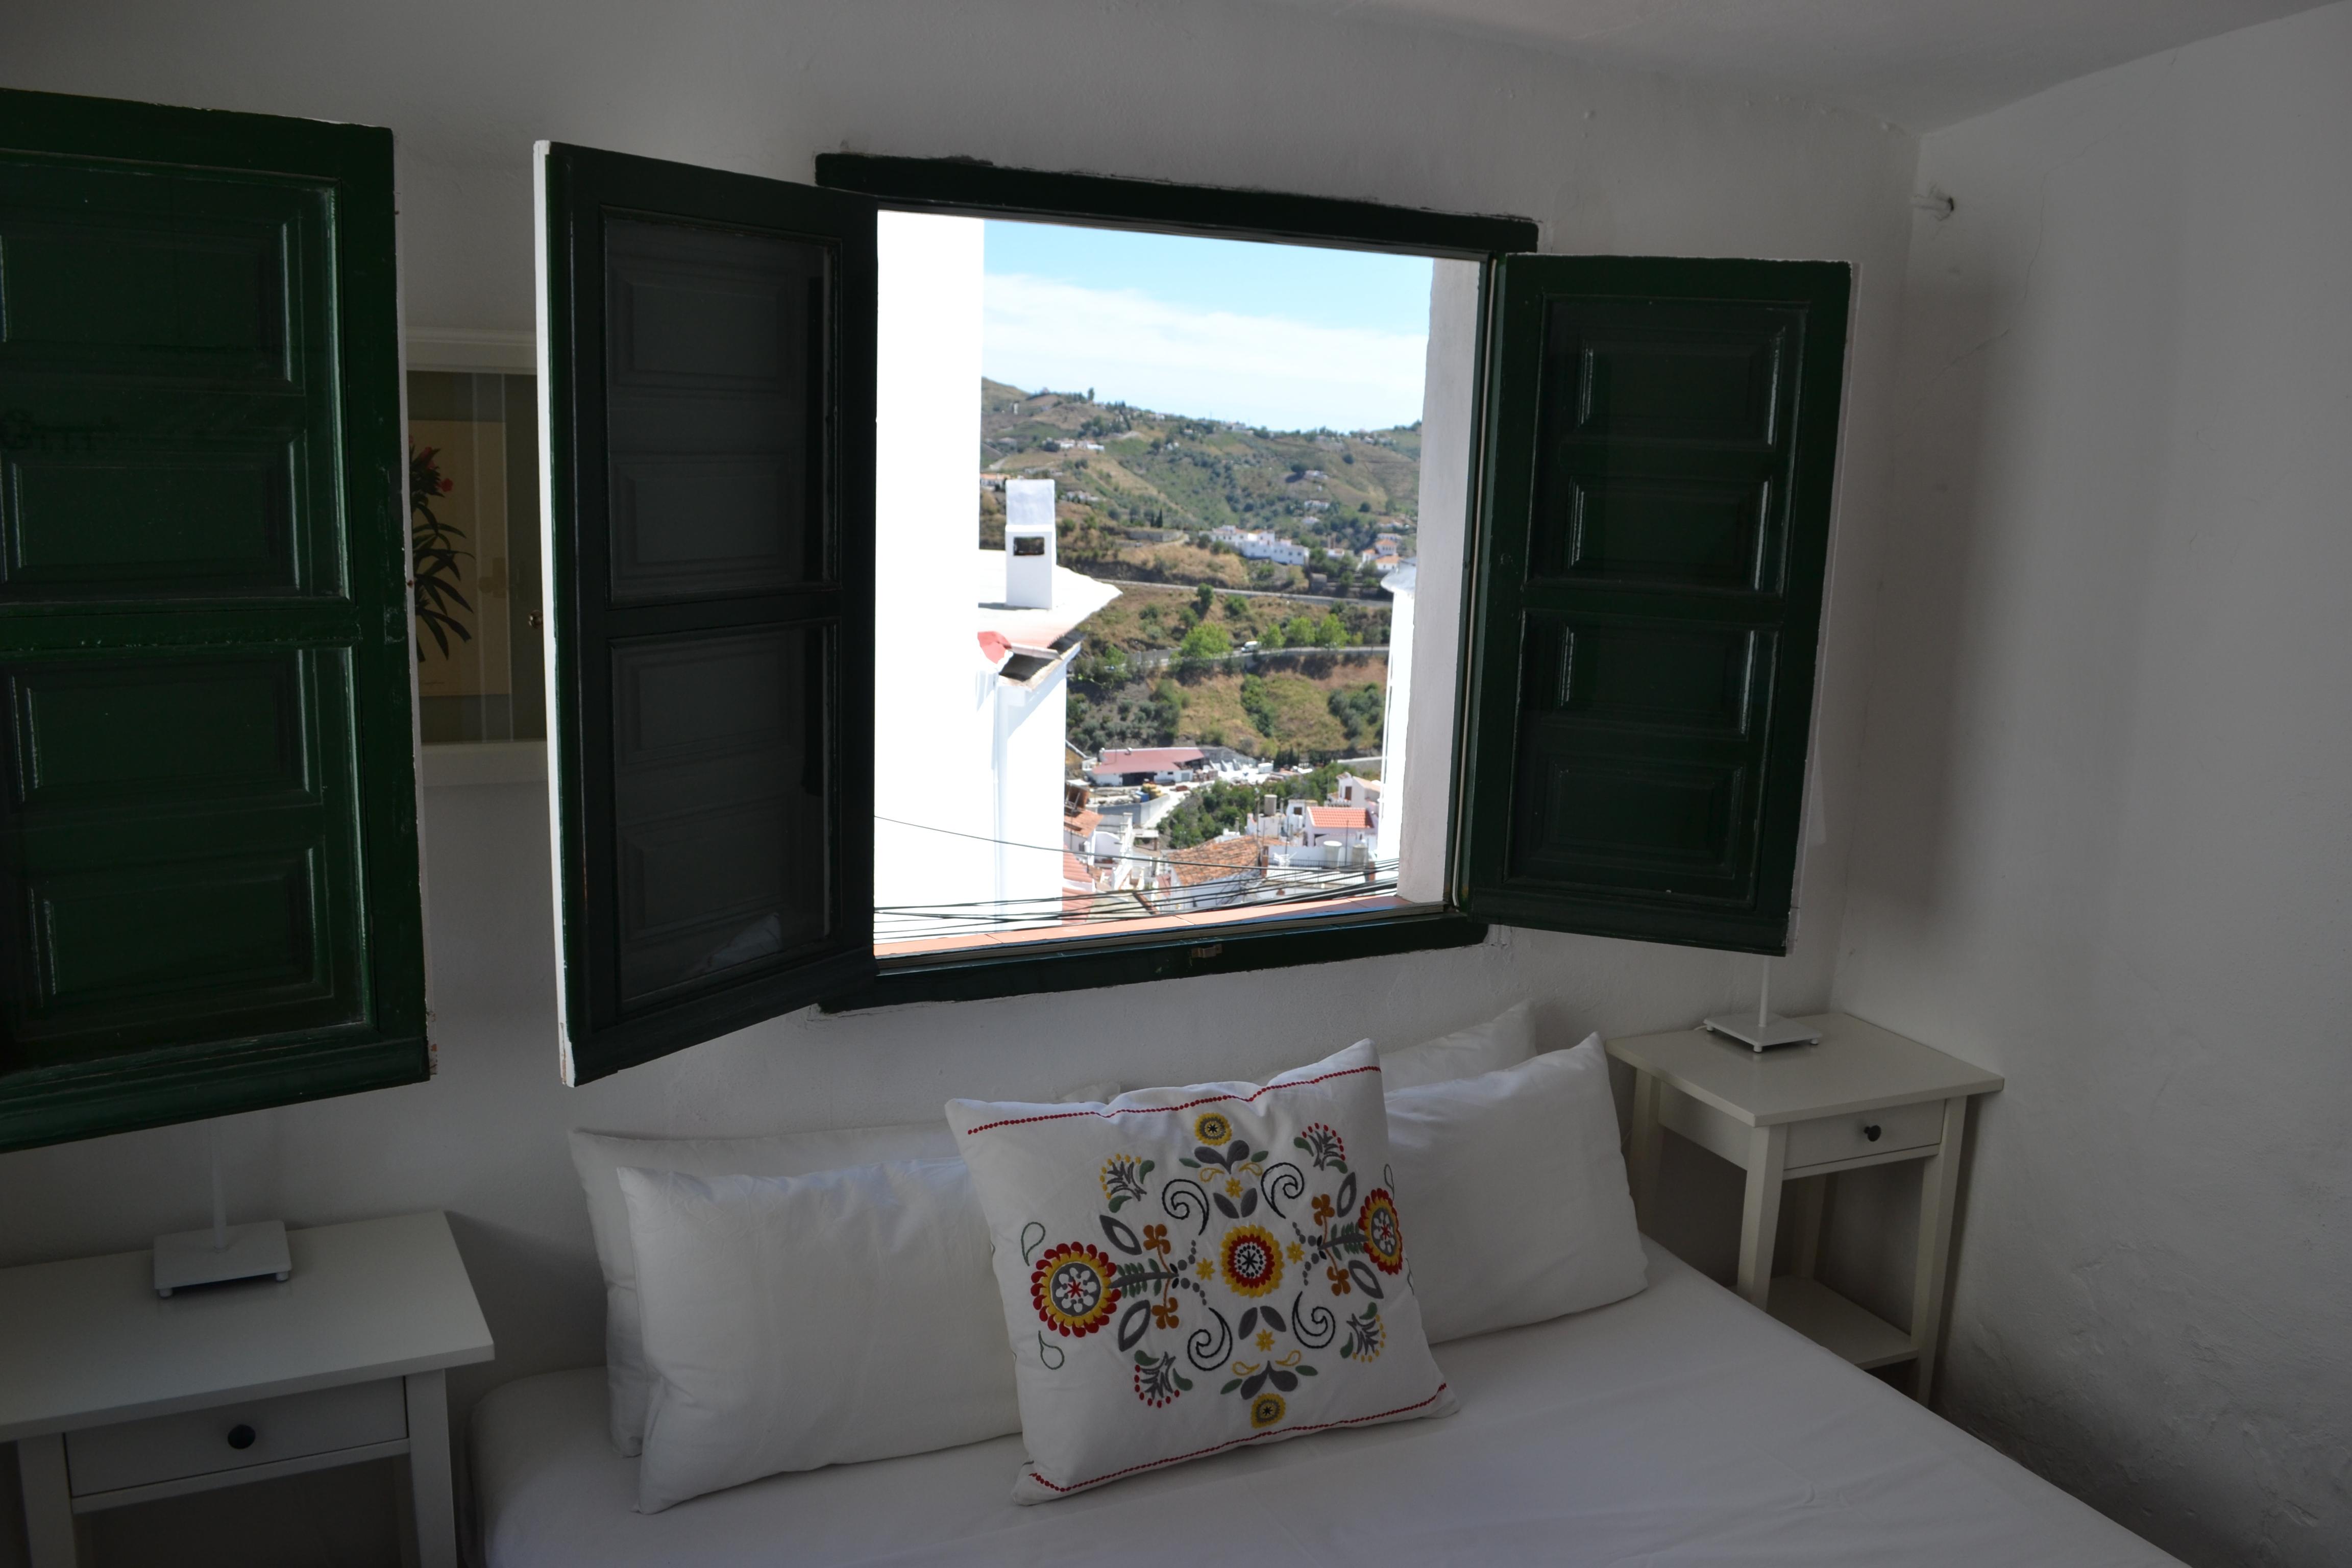 La vista de Andalucía de Sevilla